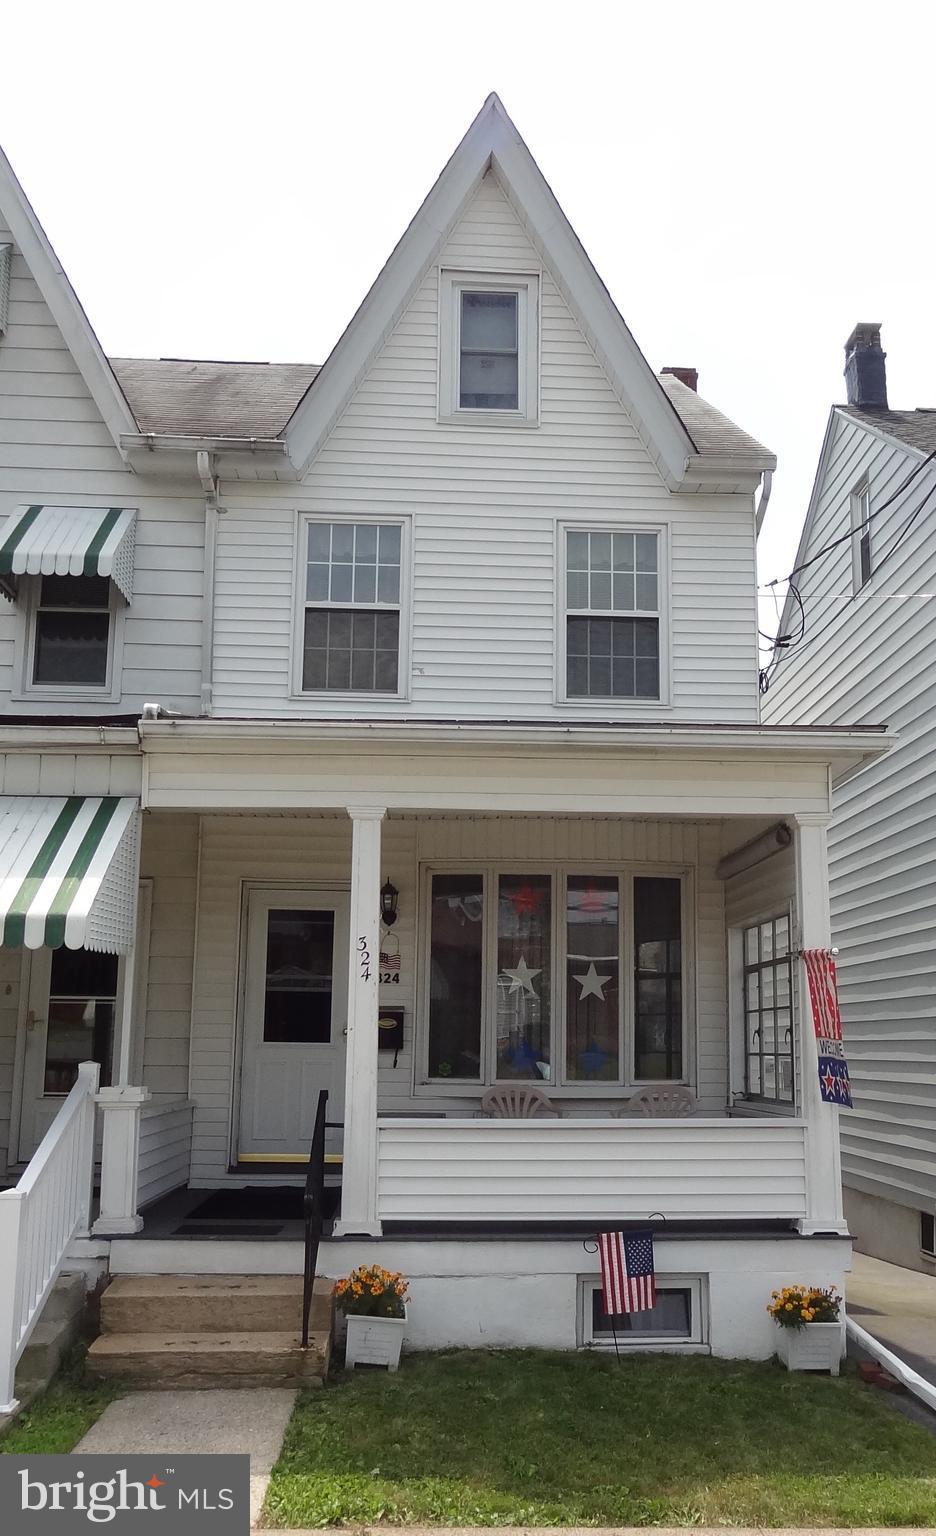 324 W CHESTNUT STREET, FRACKVILLE, PA 17931